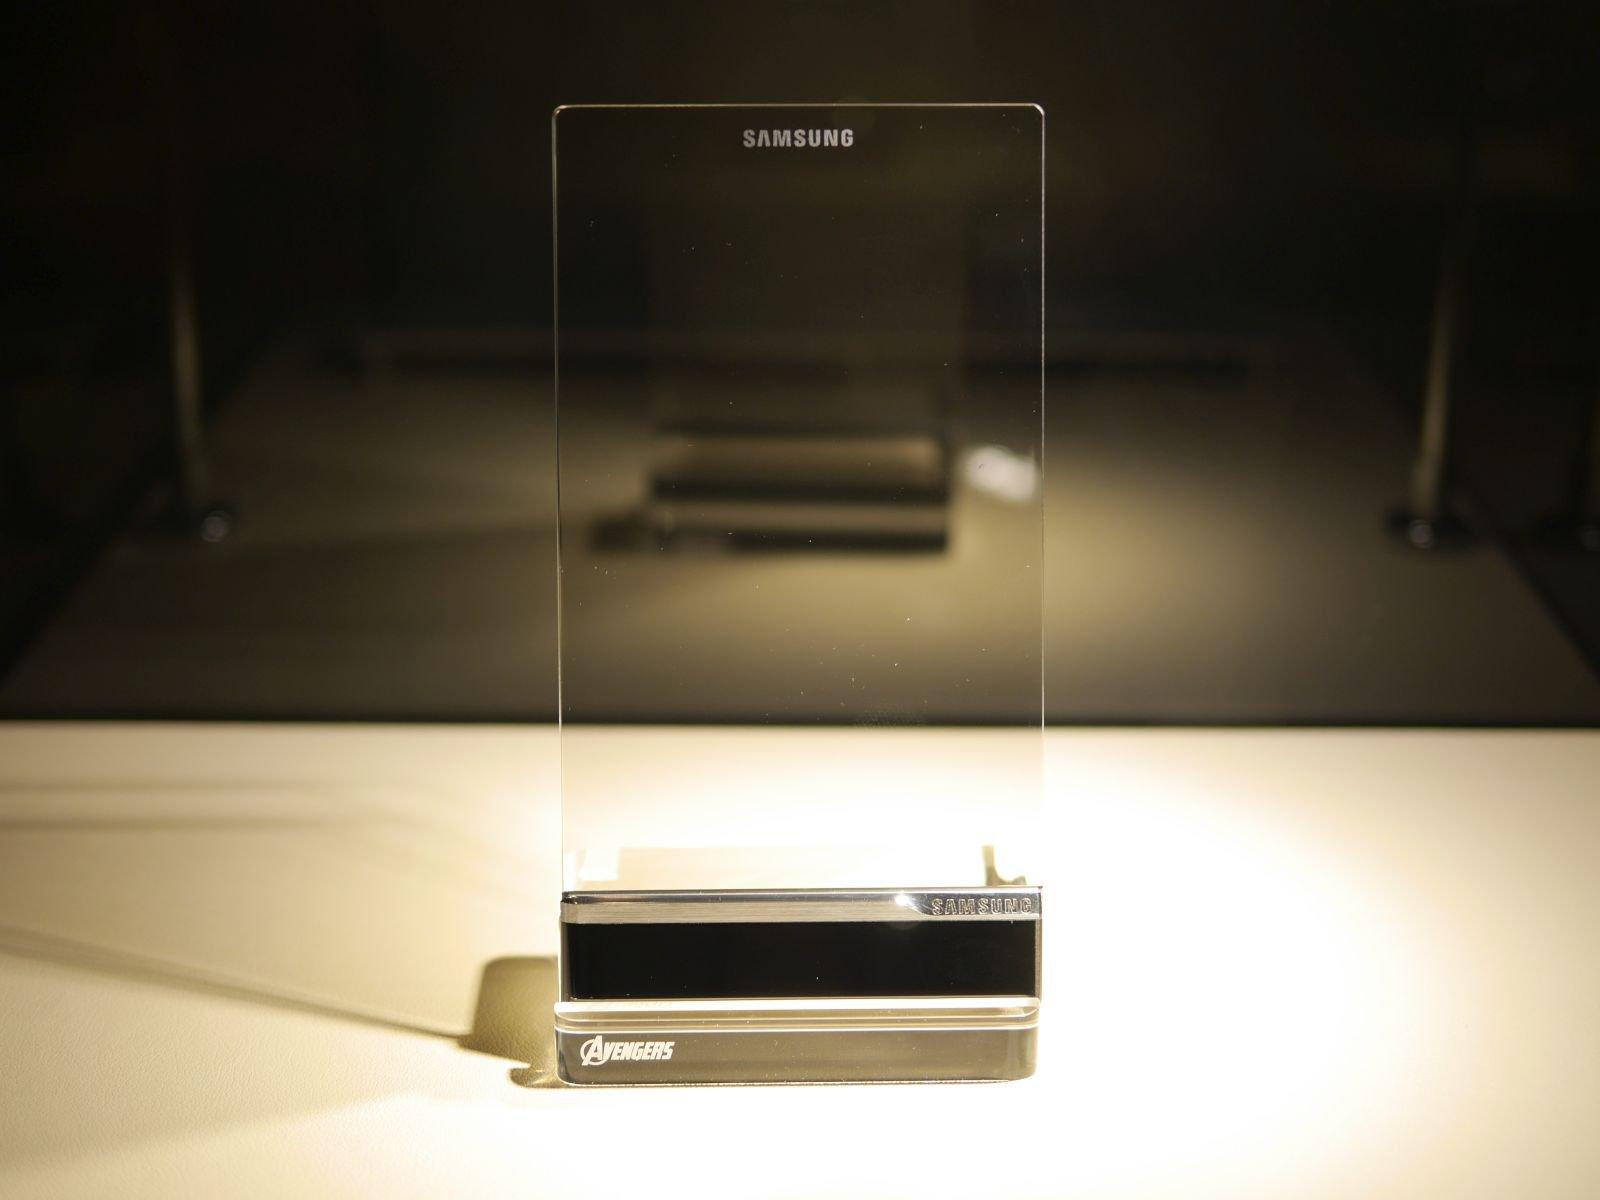 Samsung Developed A Transparent Smartphone